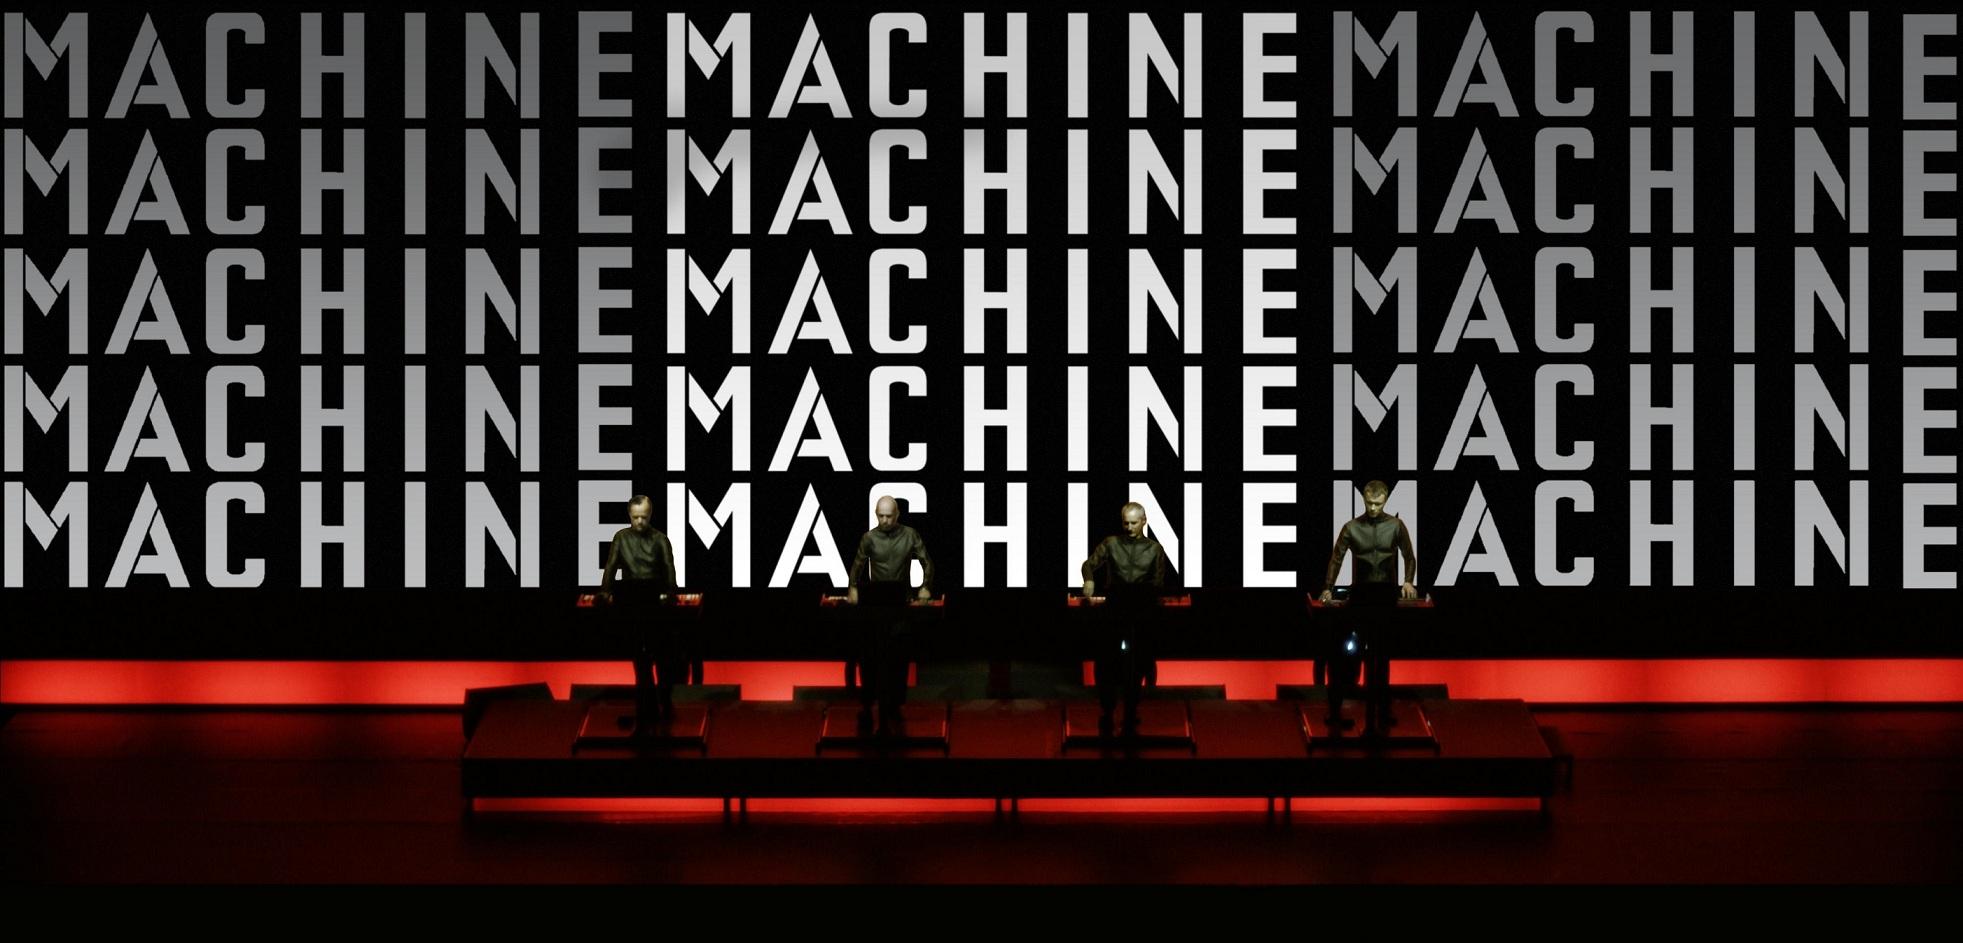 크라프트베르크(Kraftwerk)의 전자음악